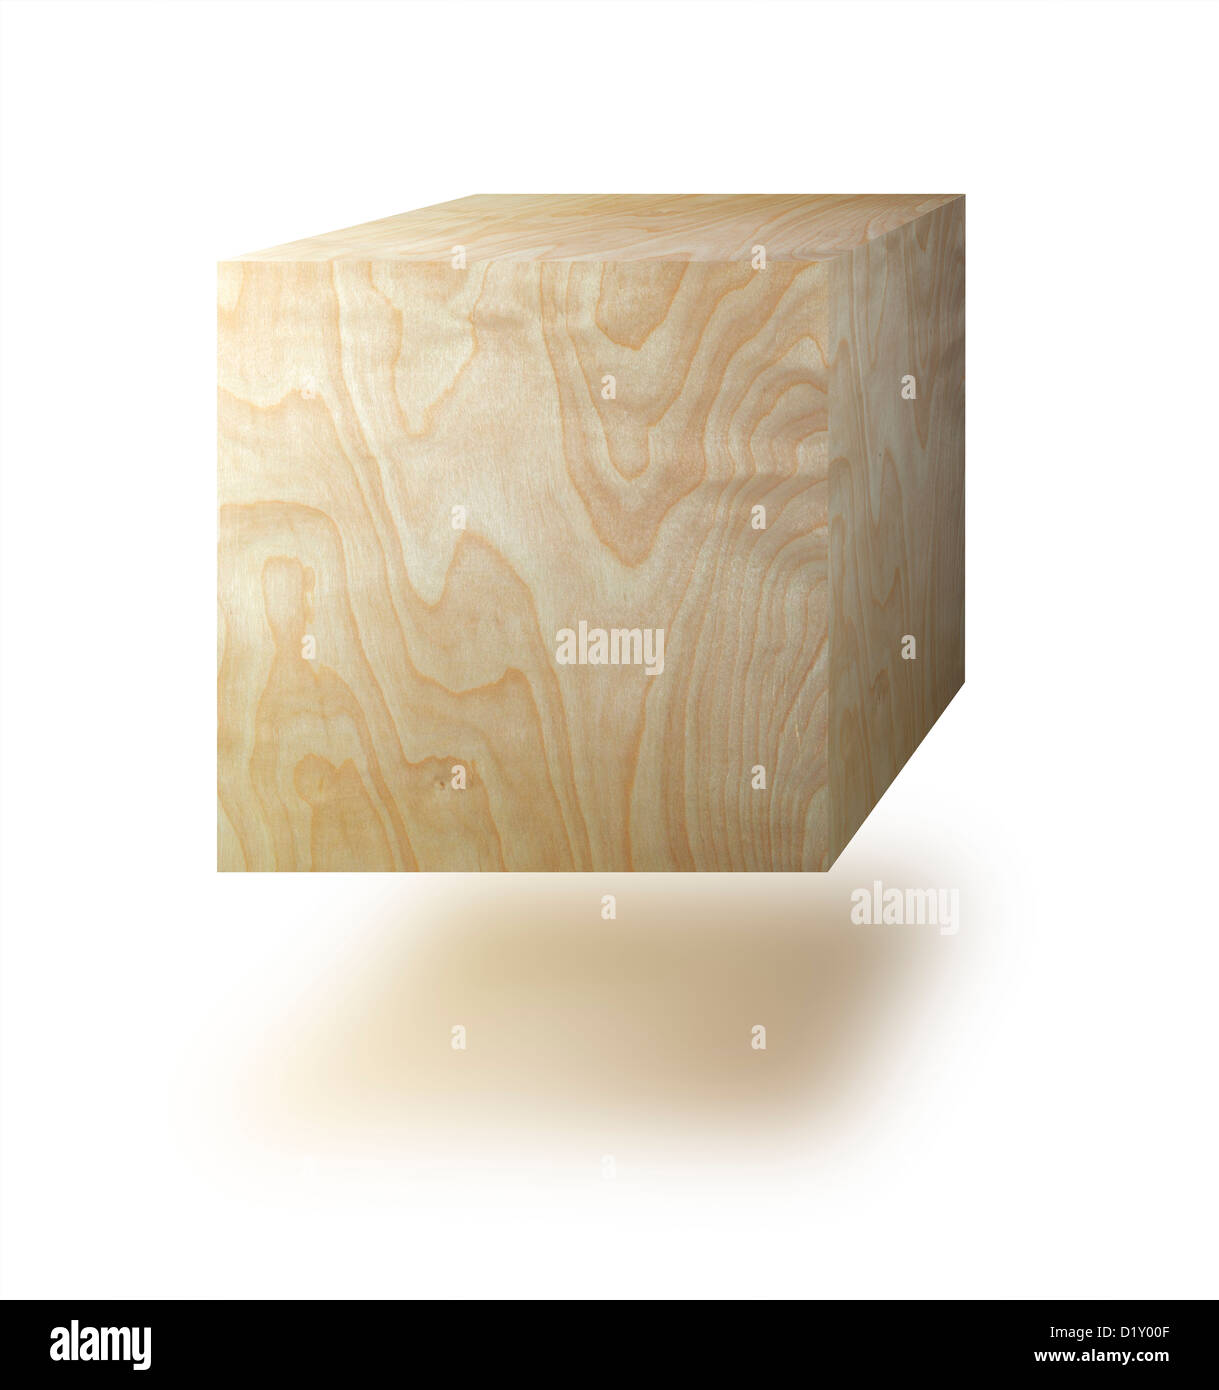 Cube de bois sur un fond blanc. Photo Stock